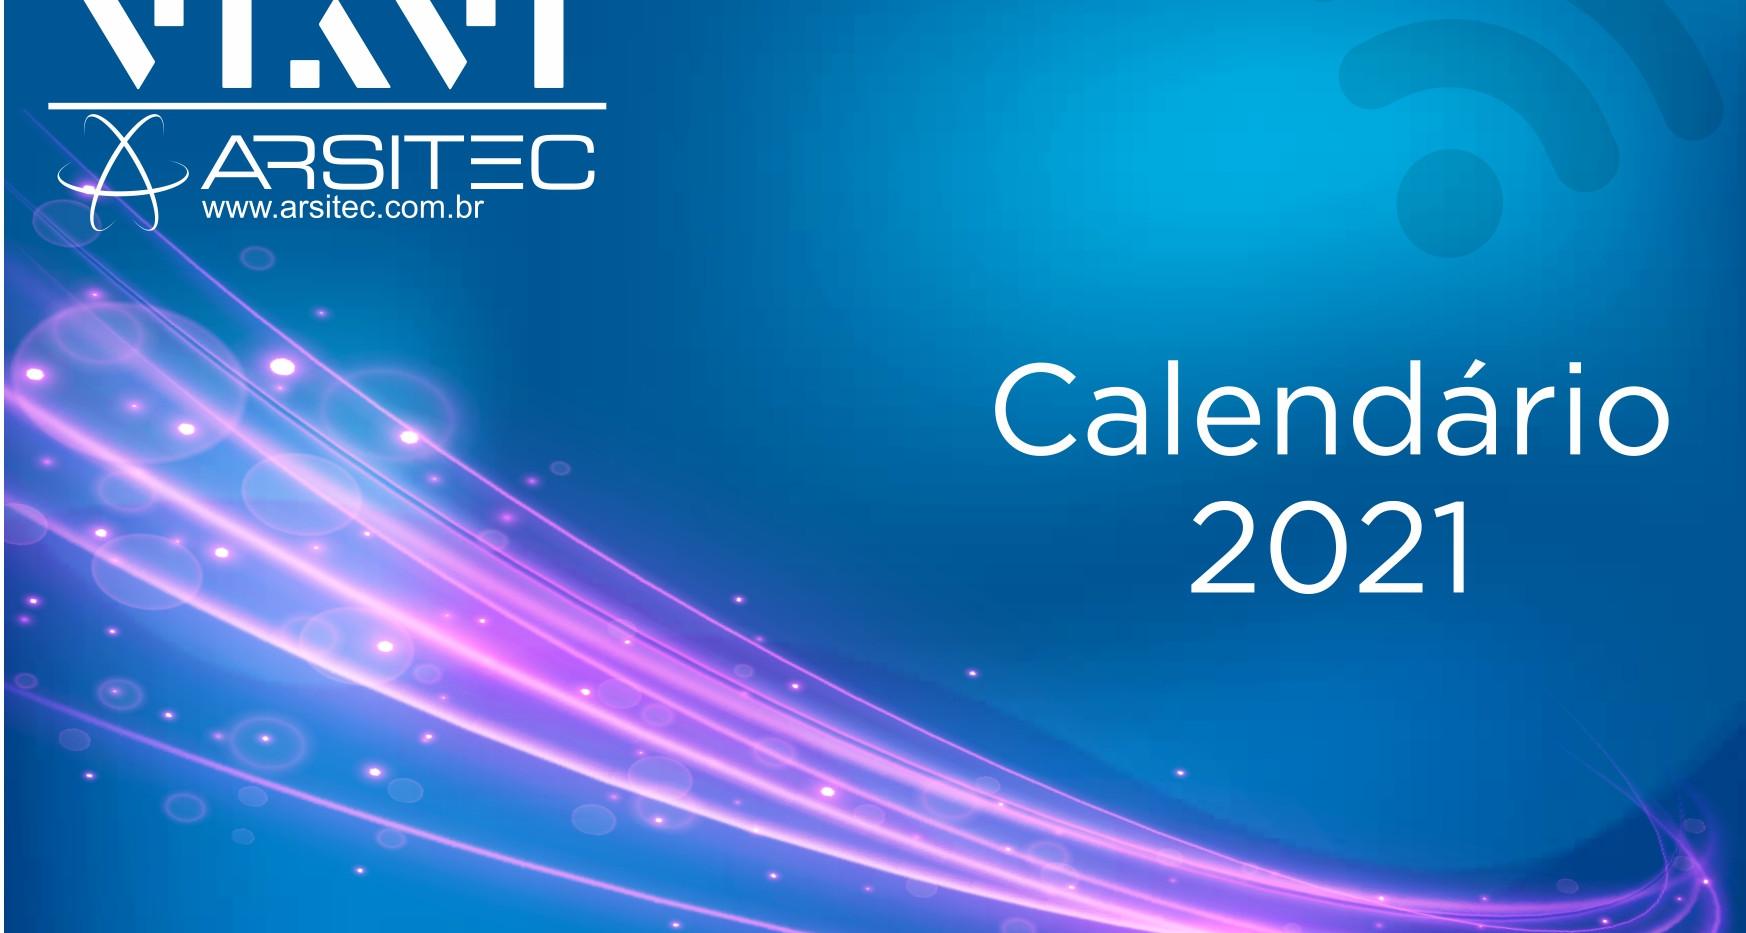 Capa calendário Arsitec 2021.jpg